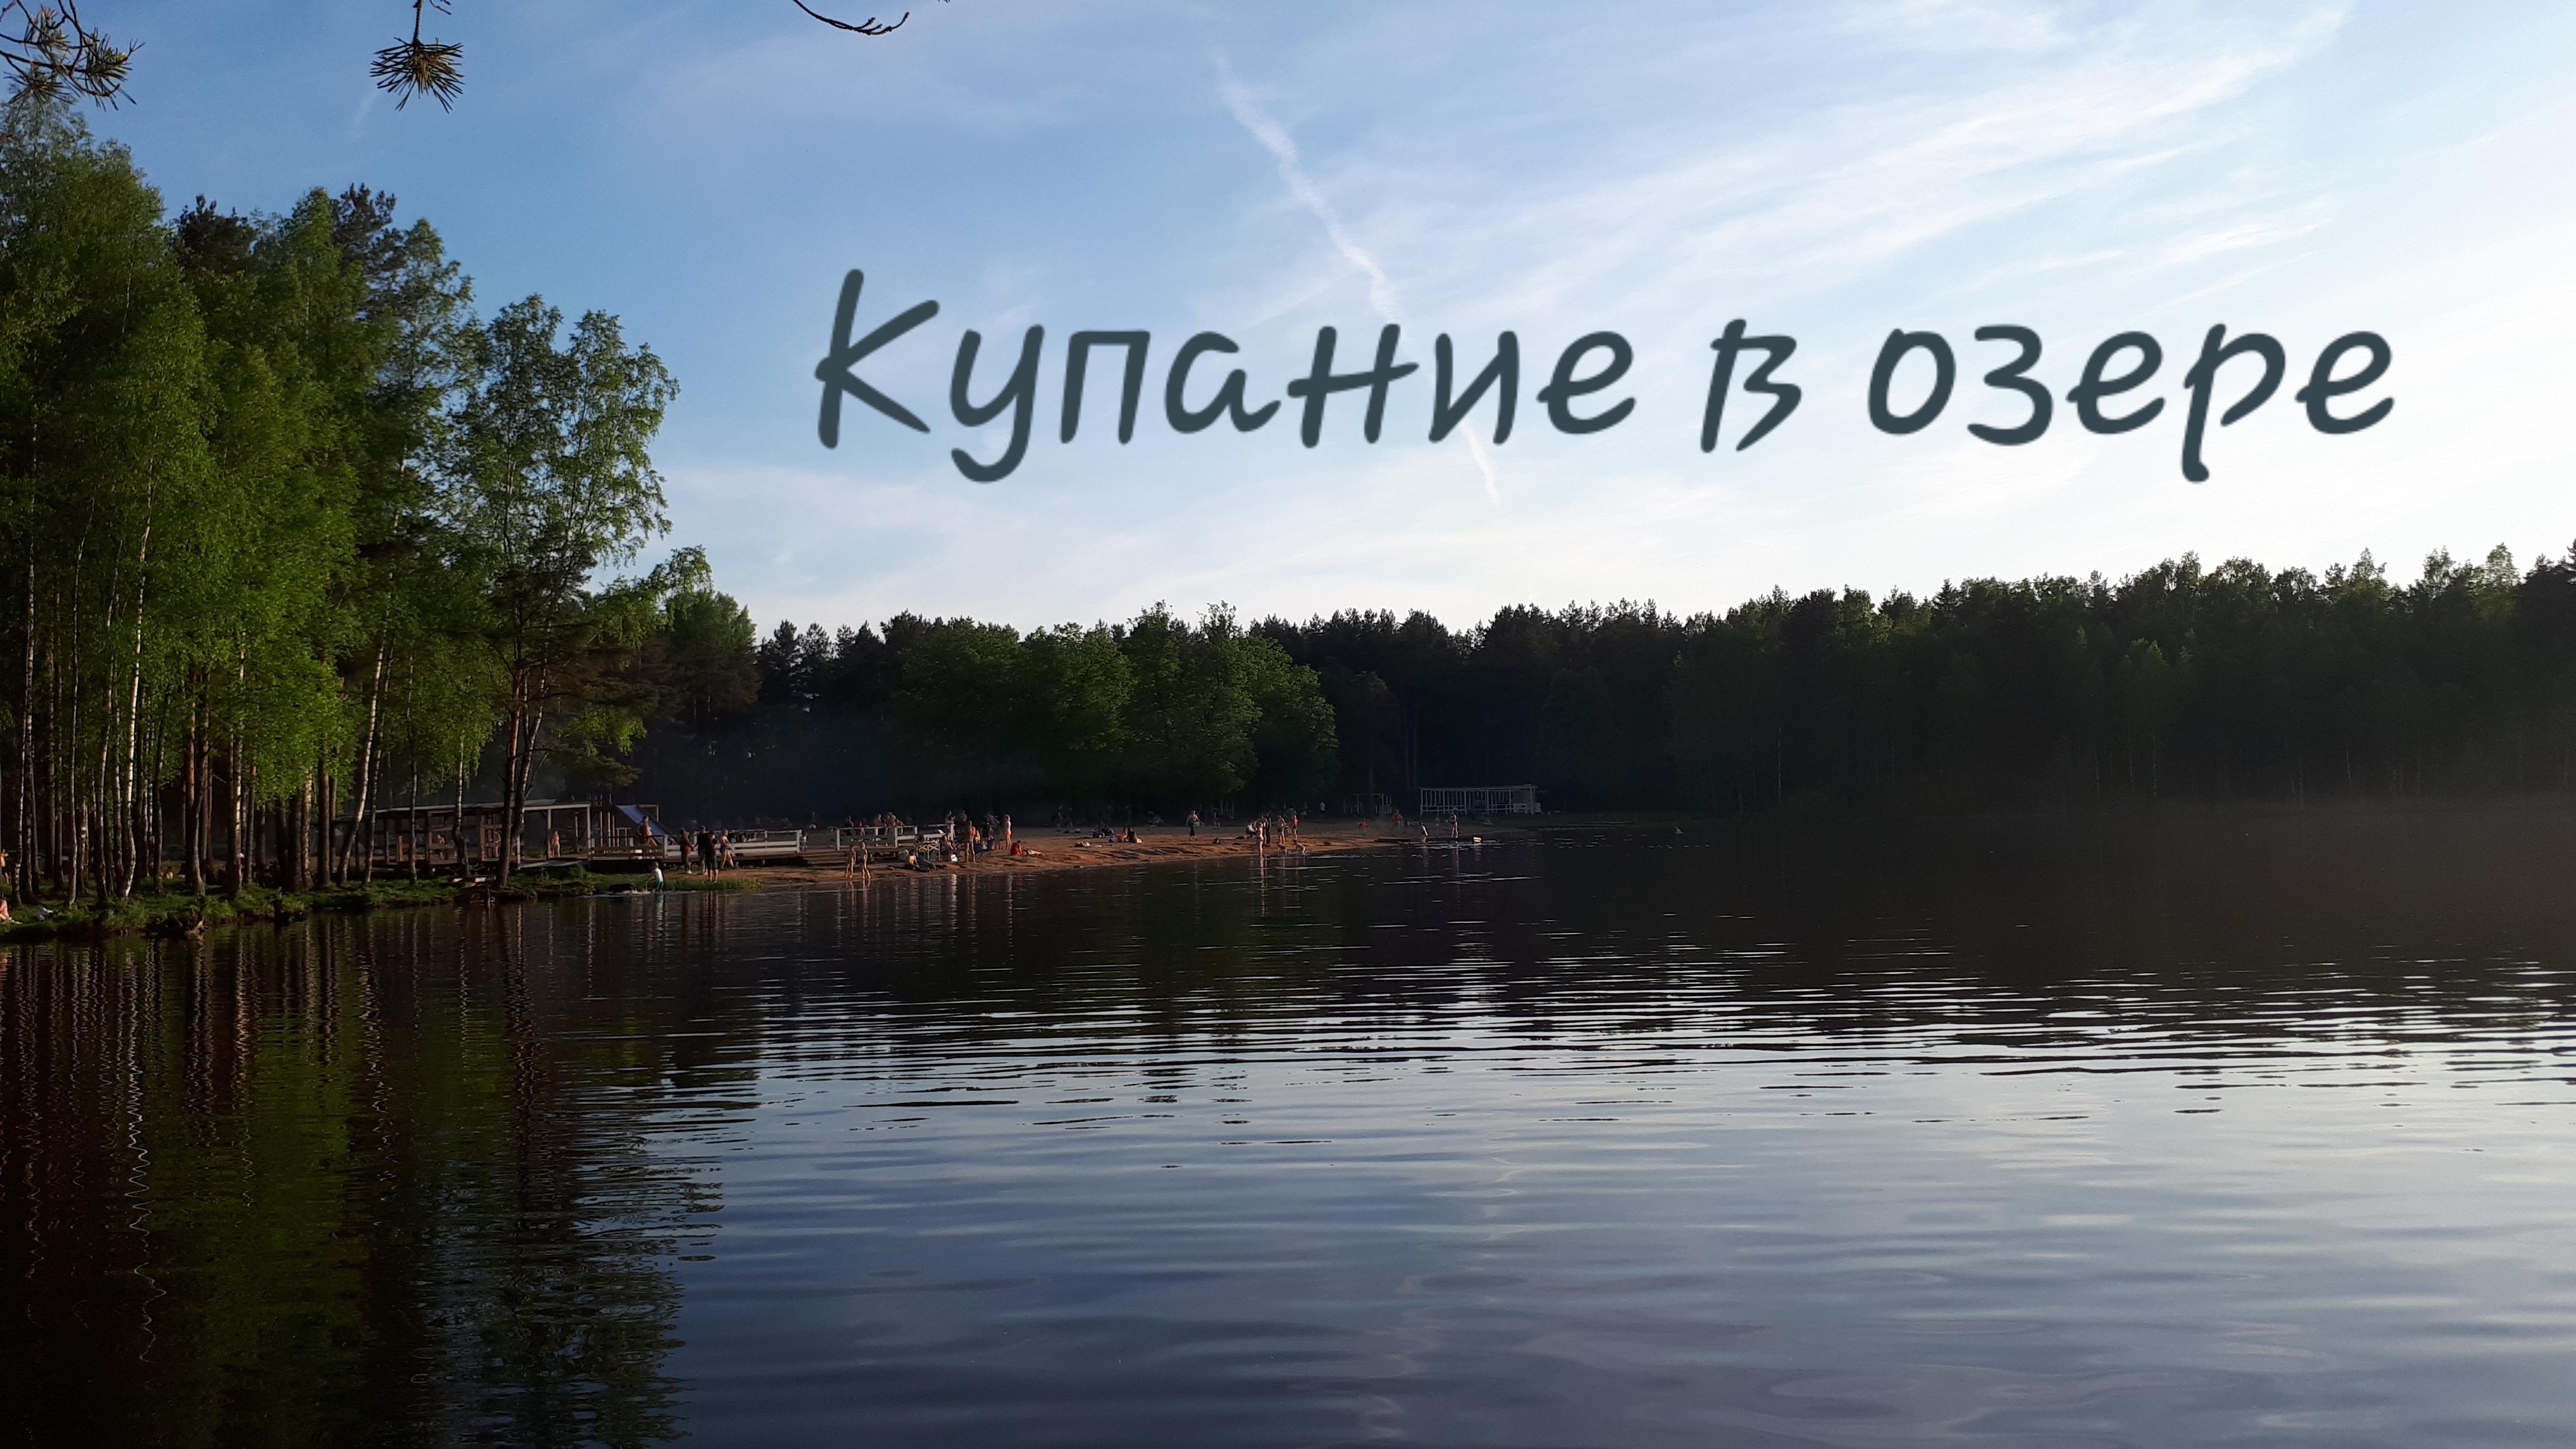 Купание в озере блог Лены Леоновой, места для купания в Ленинградской области где можно купаться ЛО